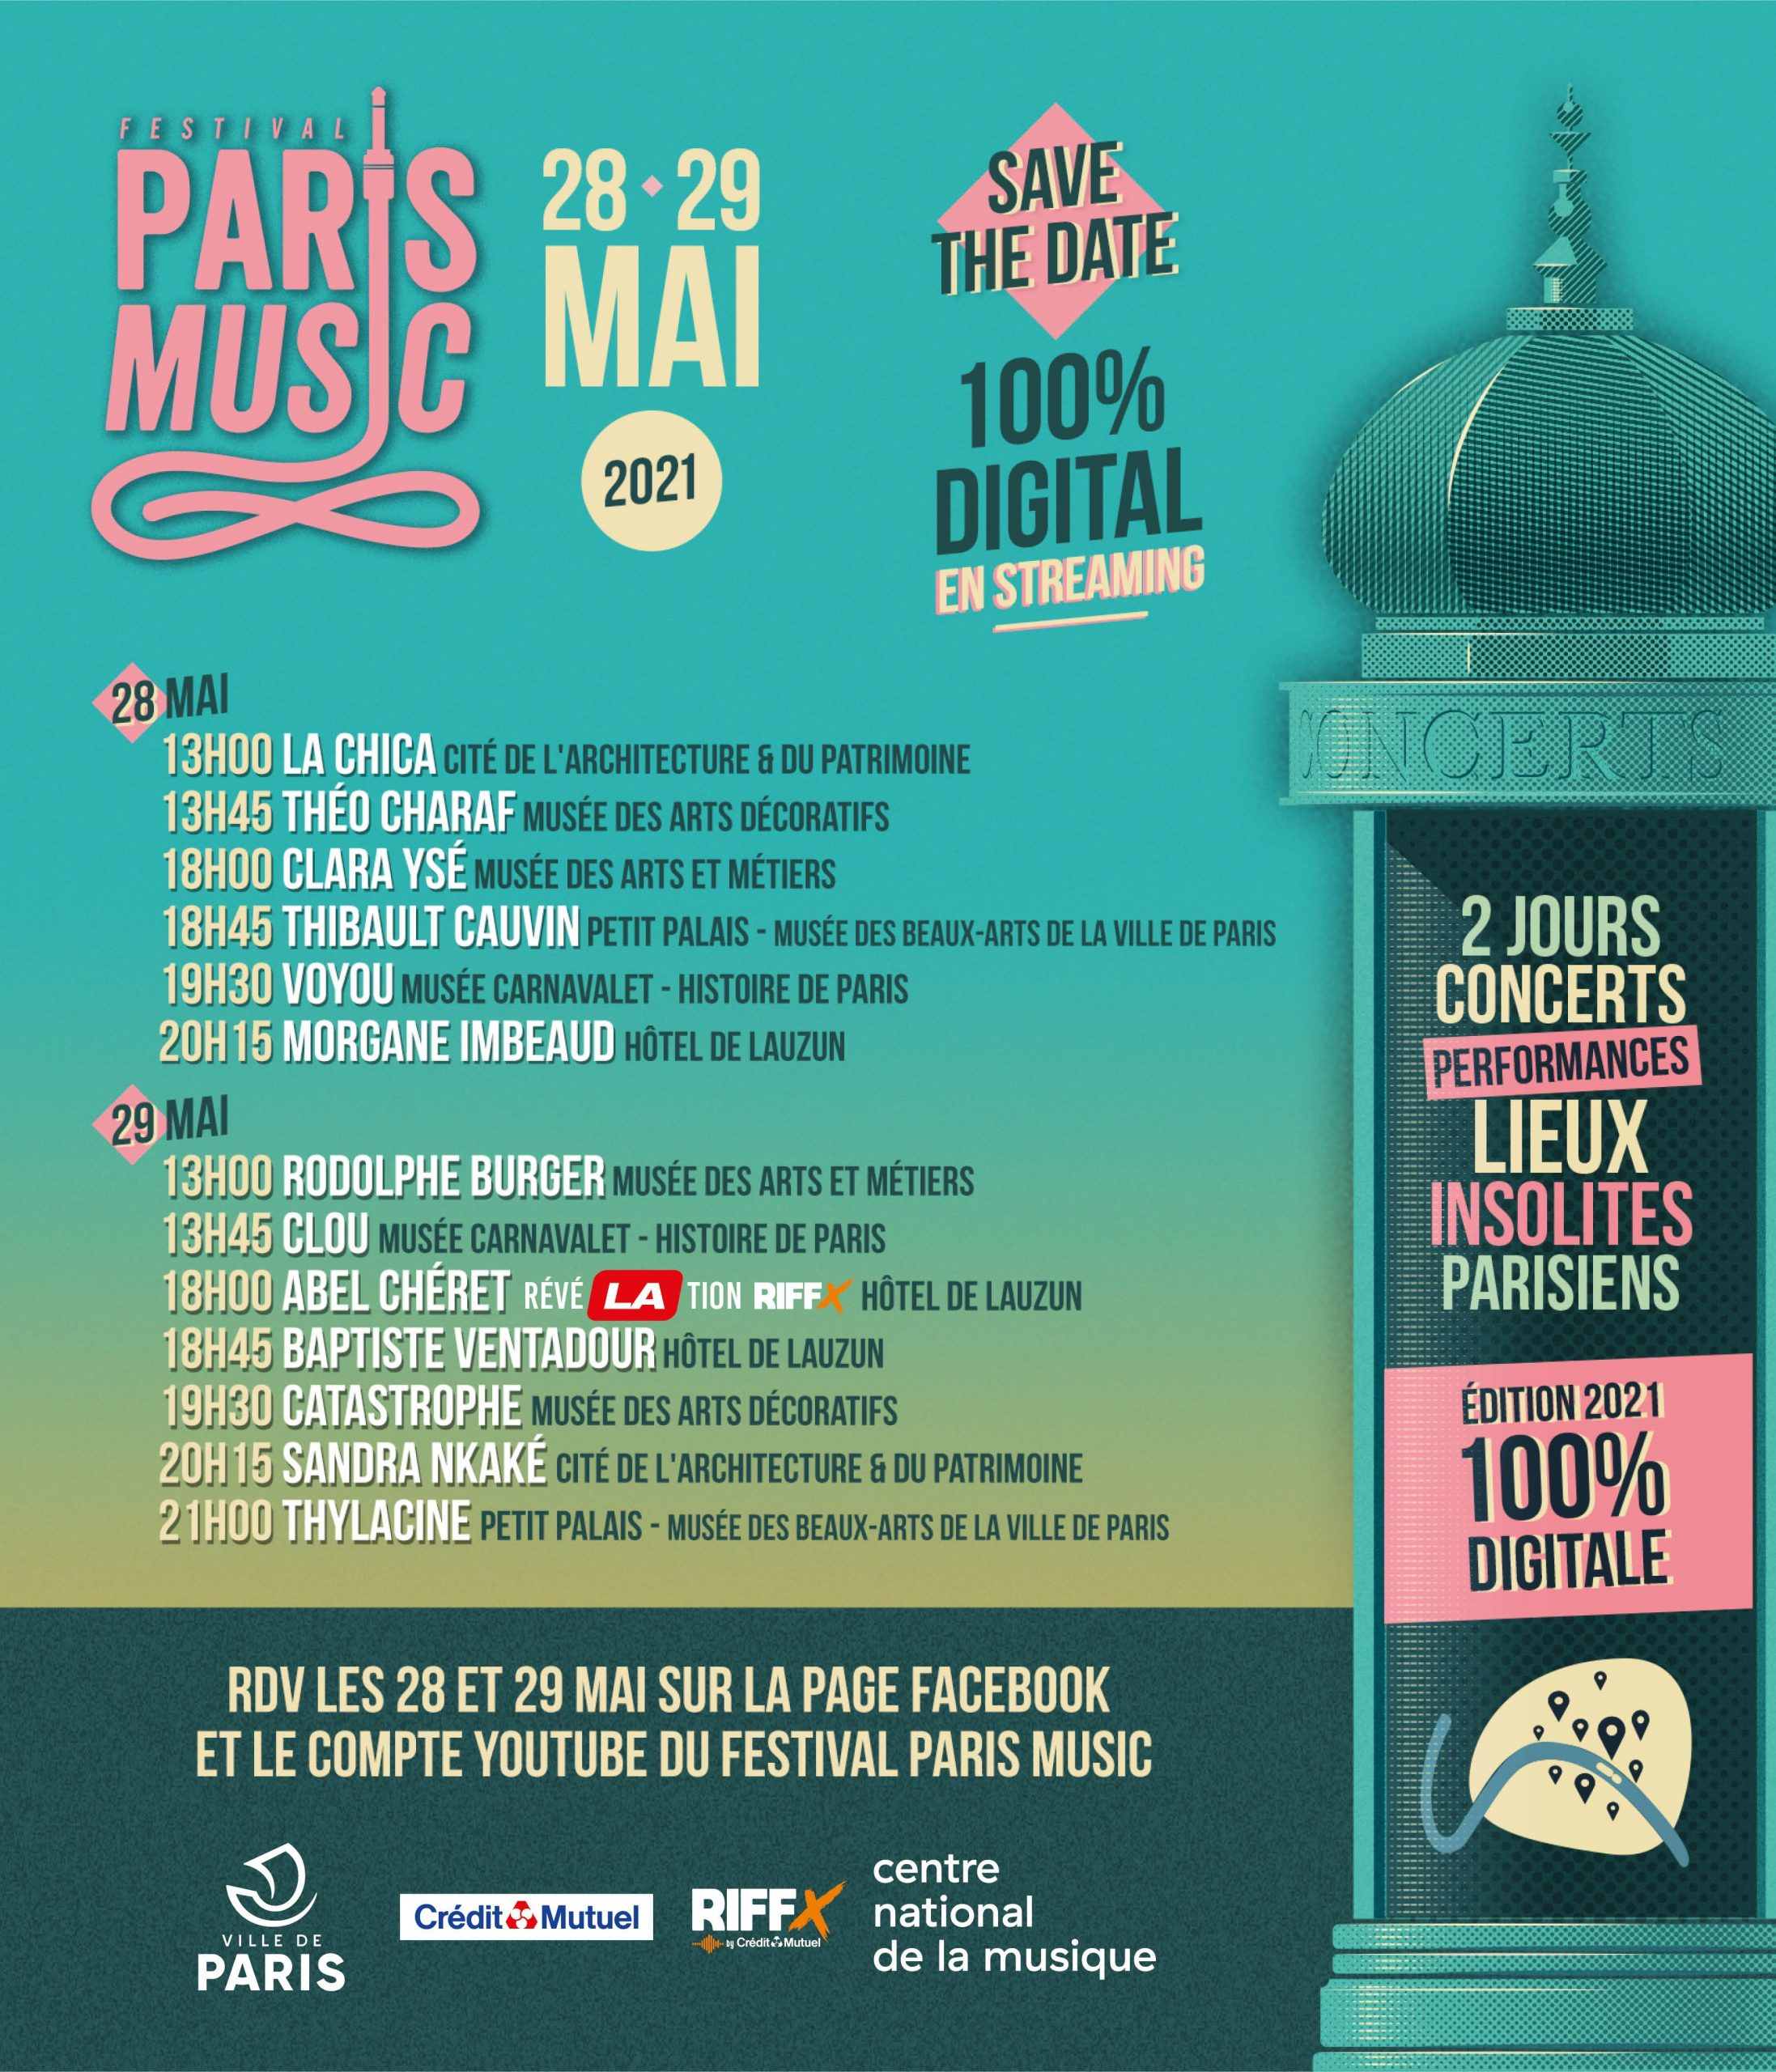 Programme de paris music festival